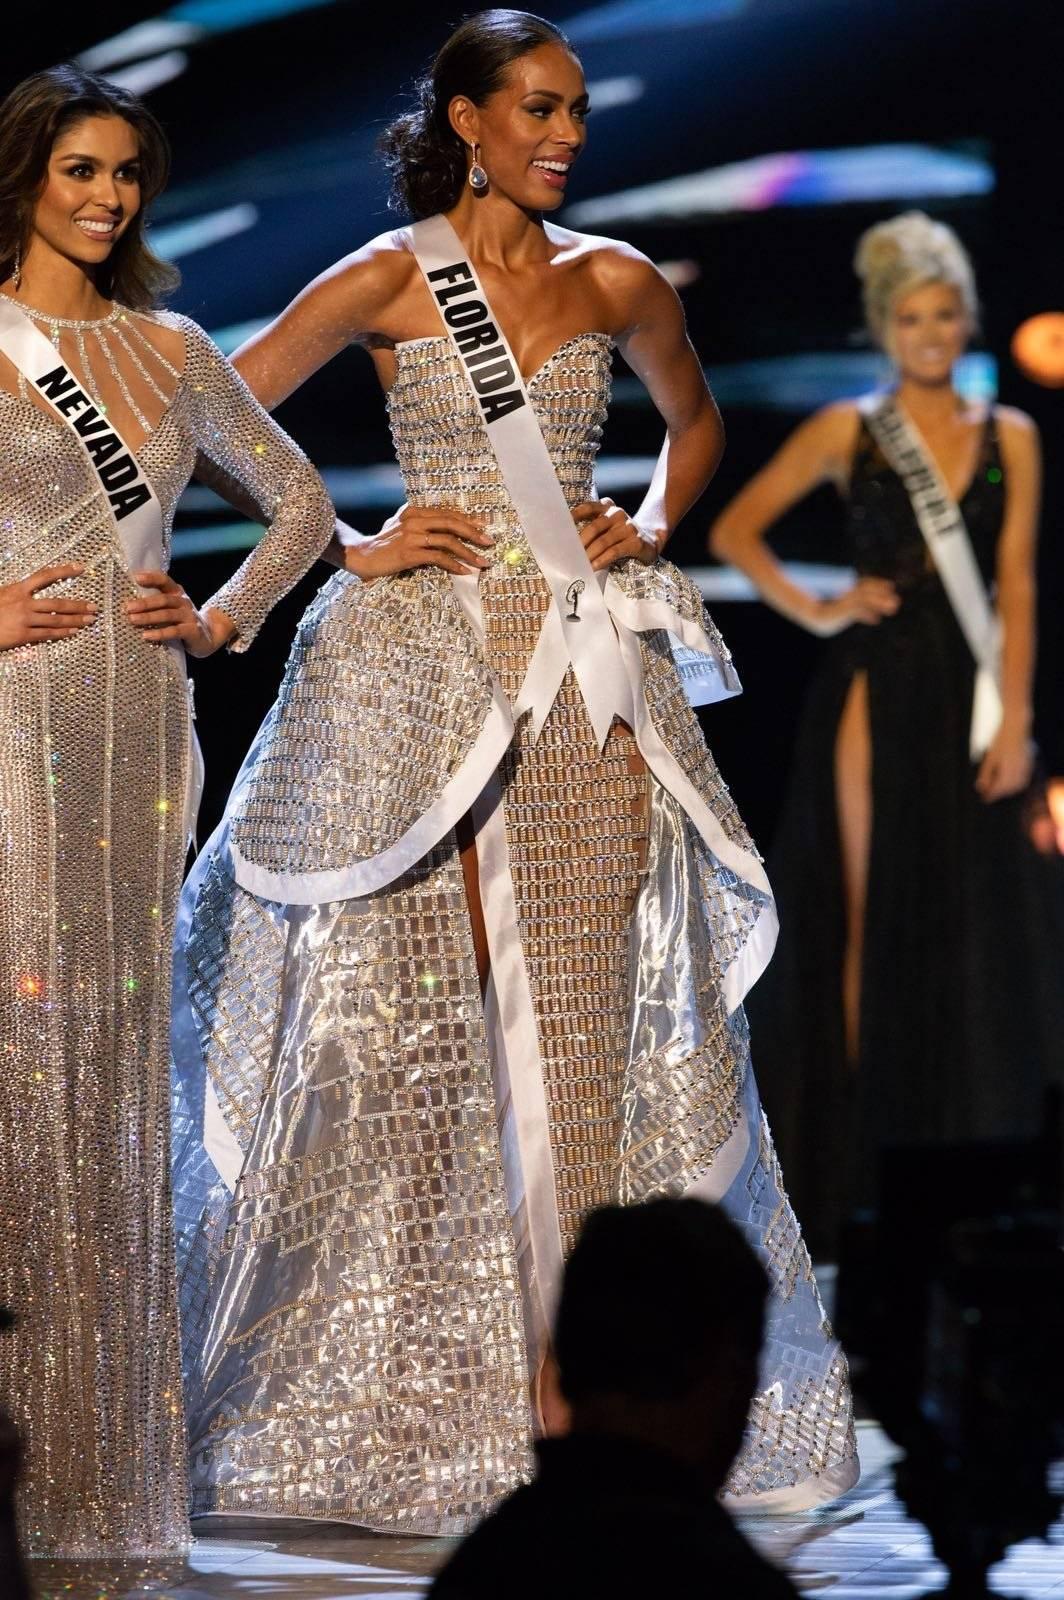 Génesis Dávila en Miss USA 2018. Fotos: suministradas